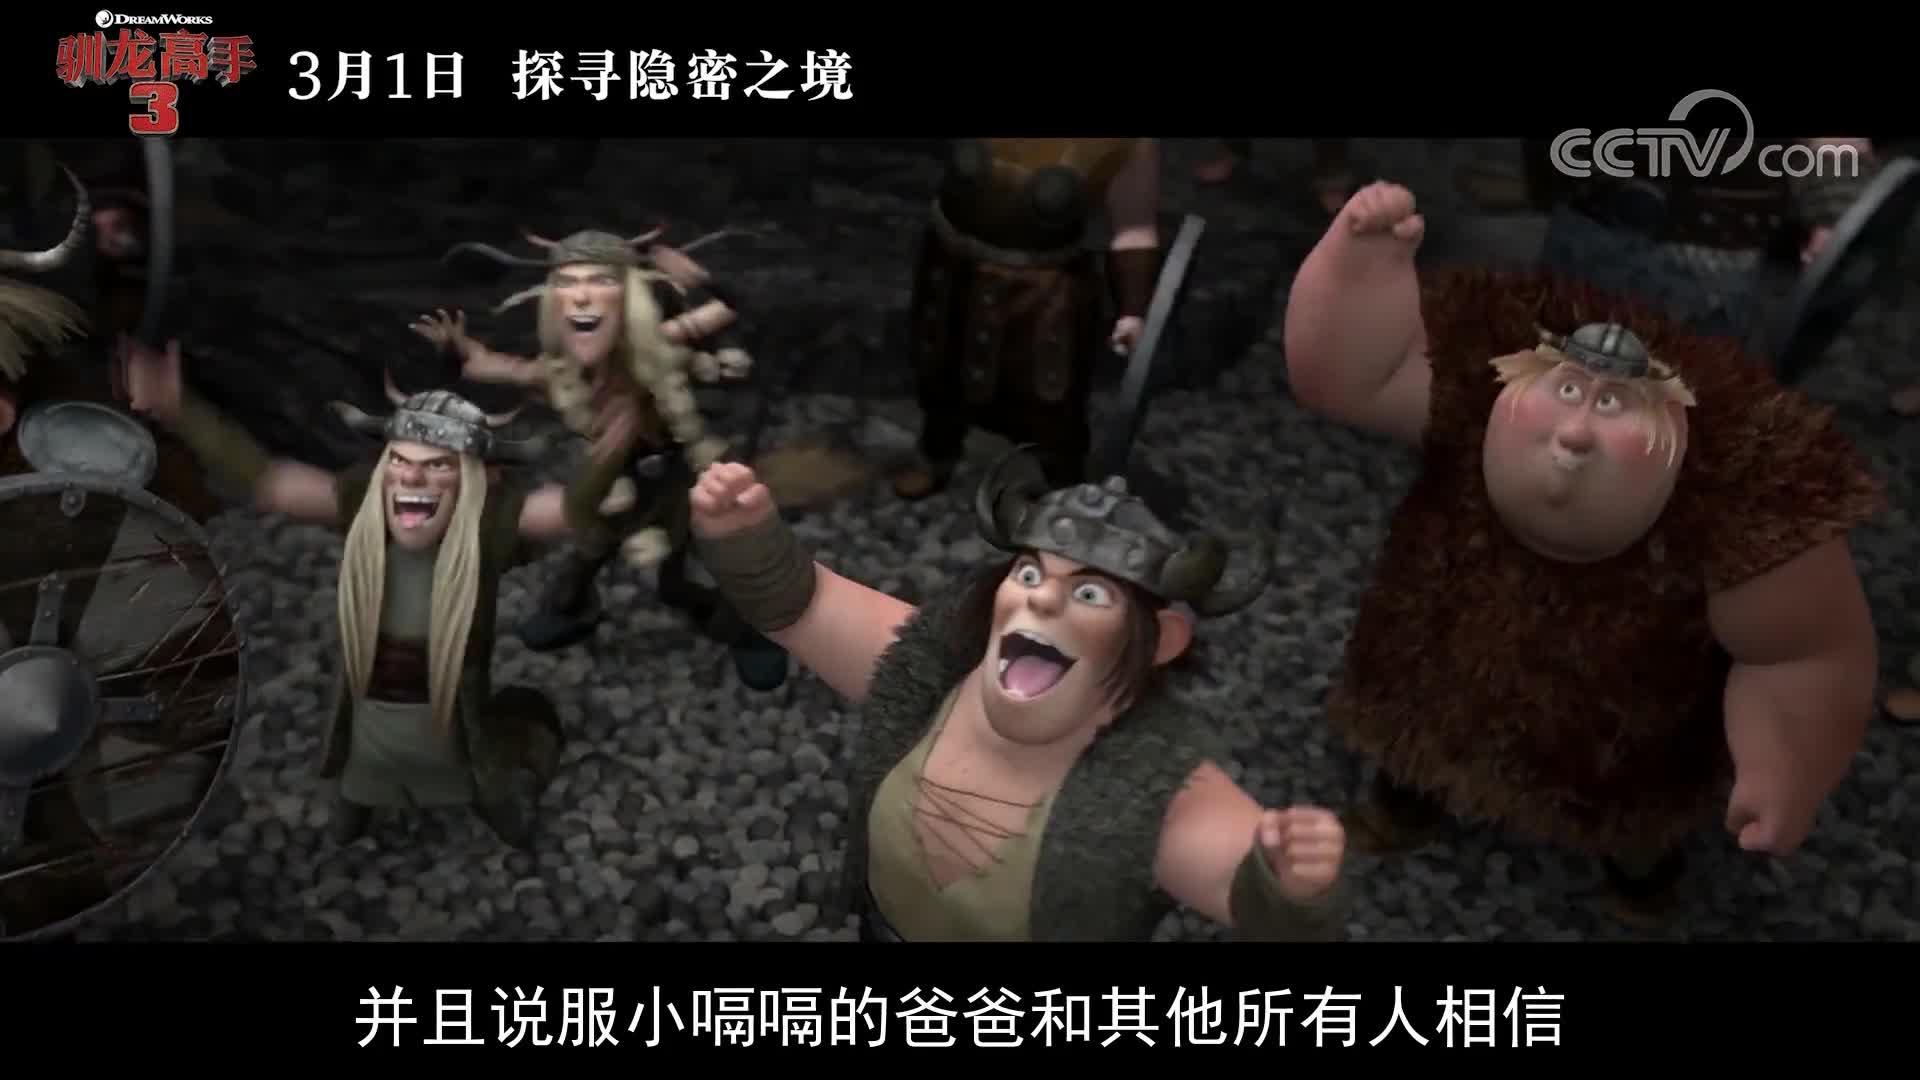 """[视频]《驯龙高手3》3月1日中国公映 九年史诗走向终点 """"是时候""""告别了"""